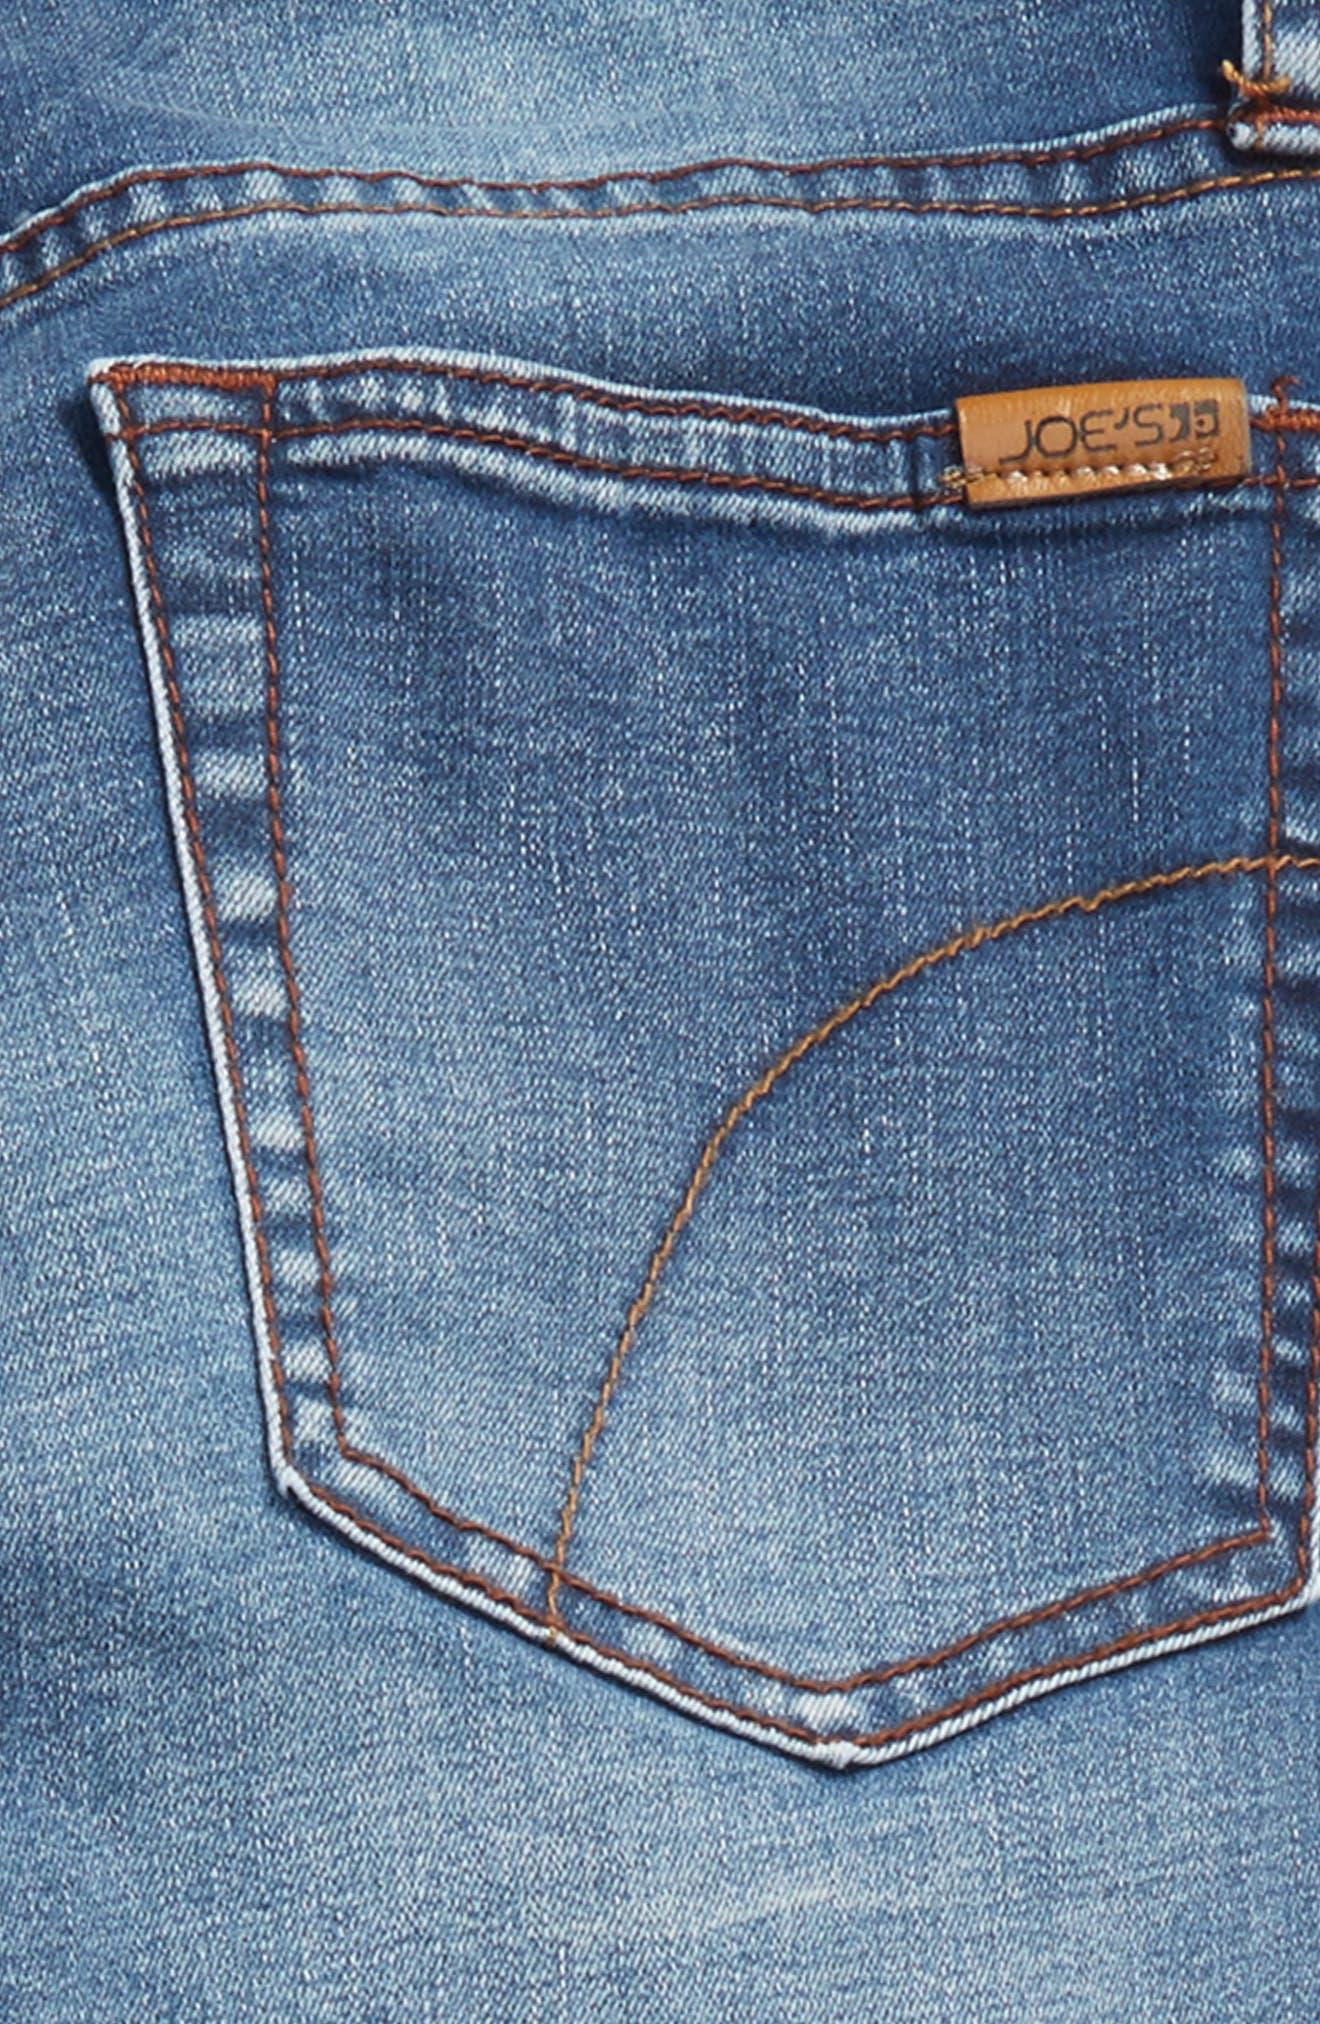 Brixton Slim Fit Stretch Jeans,                             Alternate thumbnail 3, color,                             455